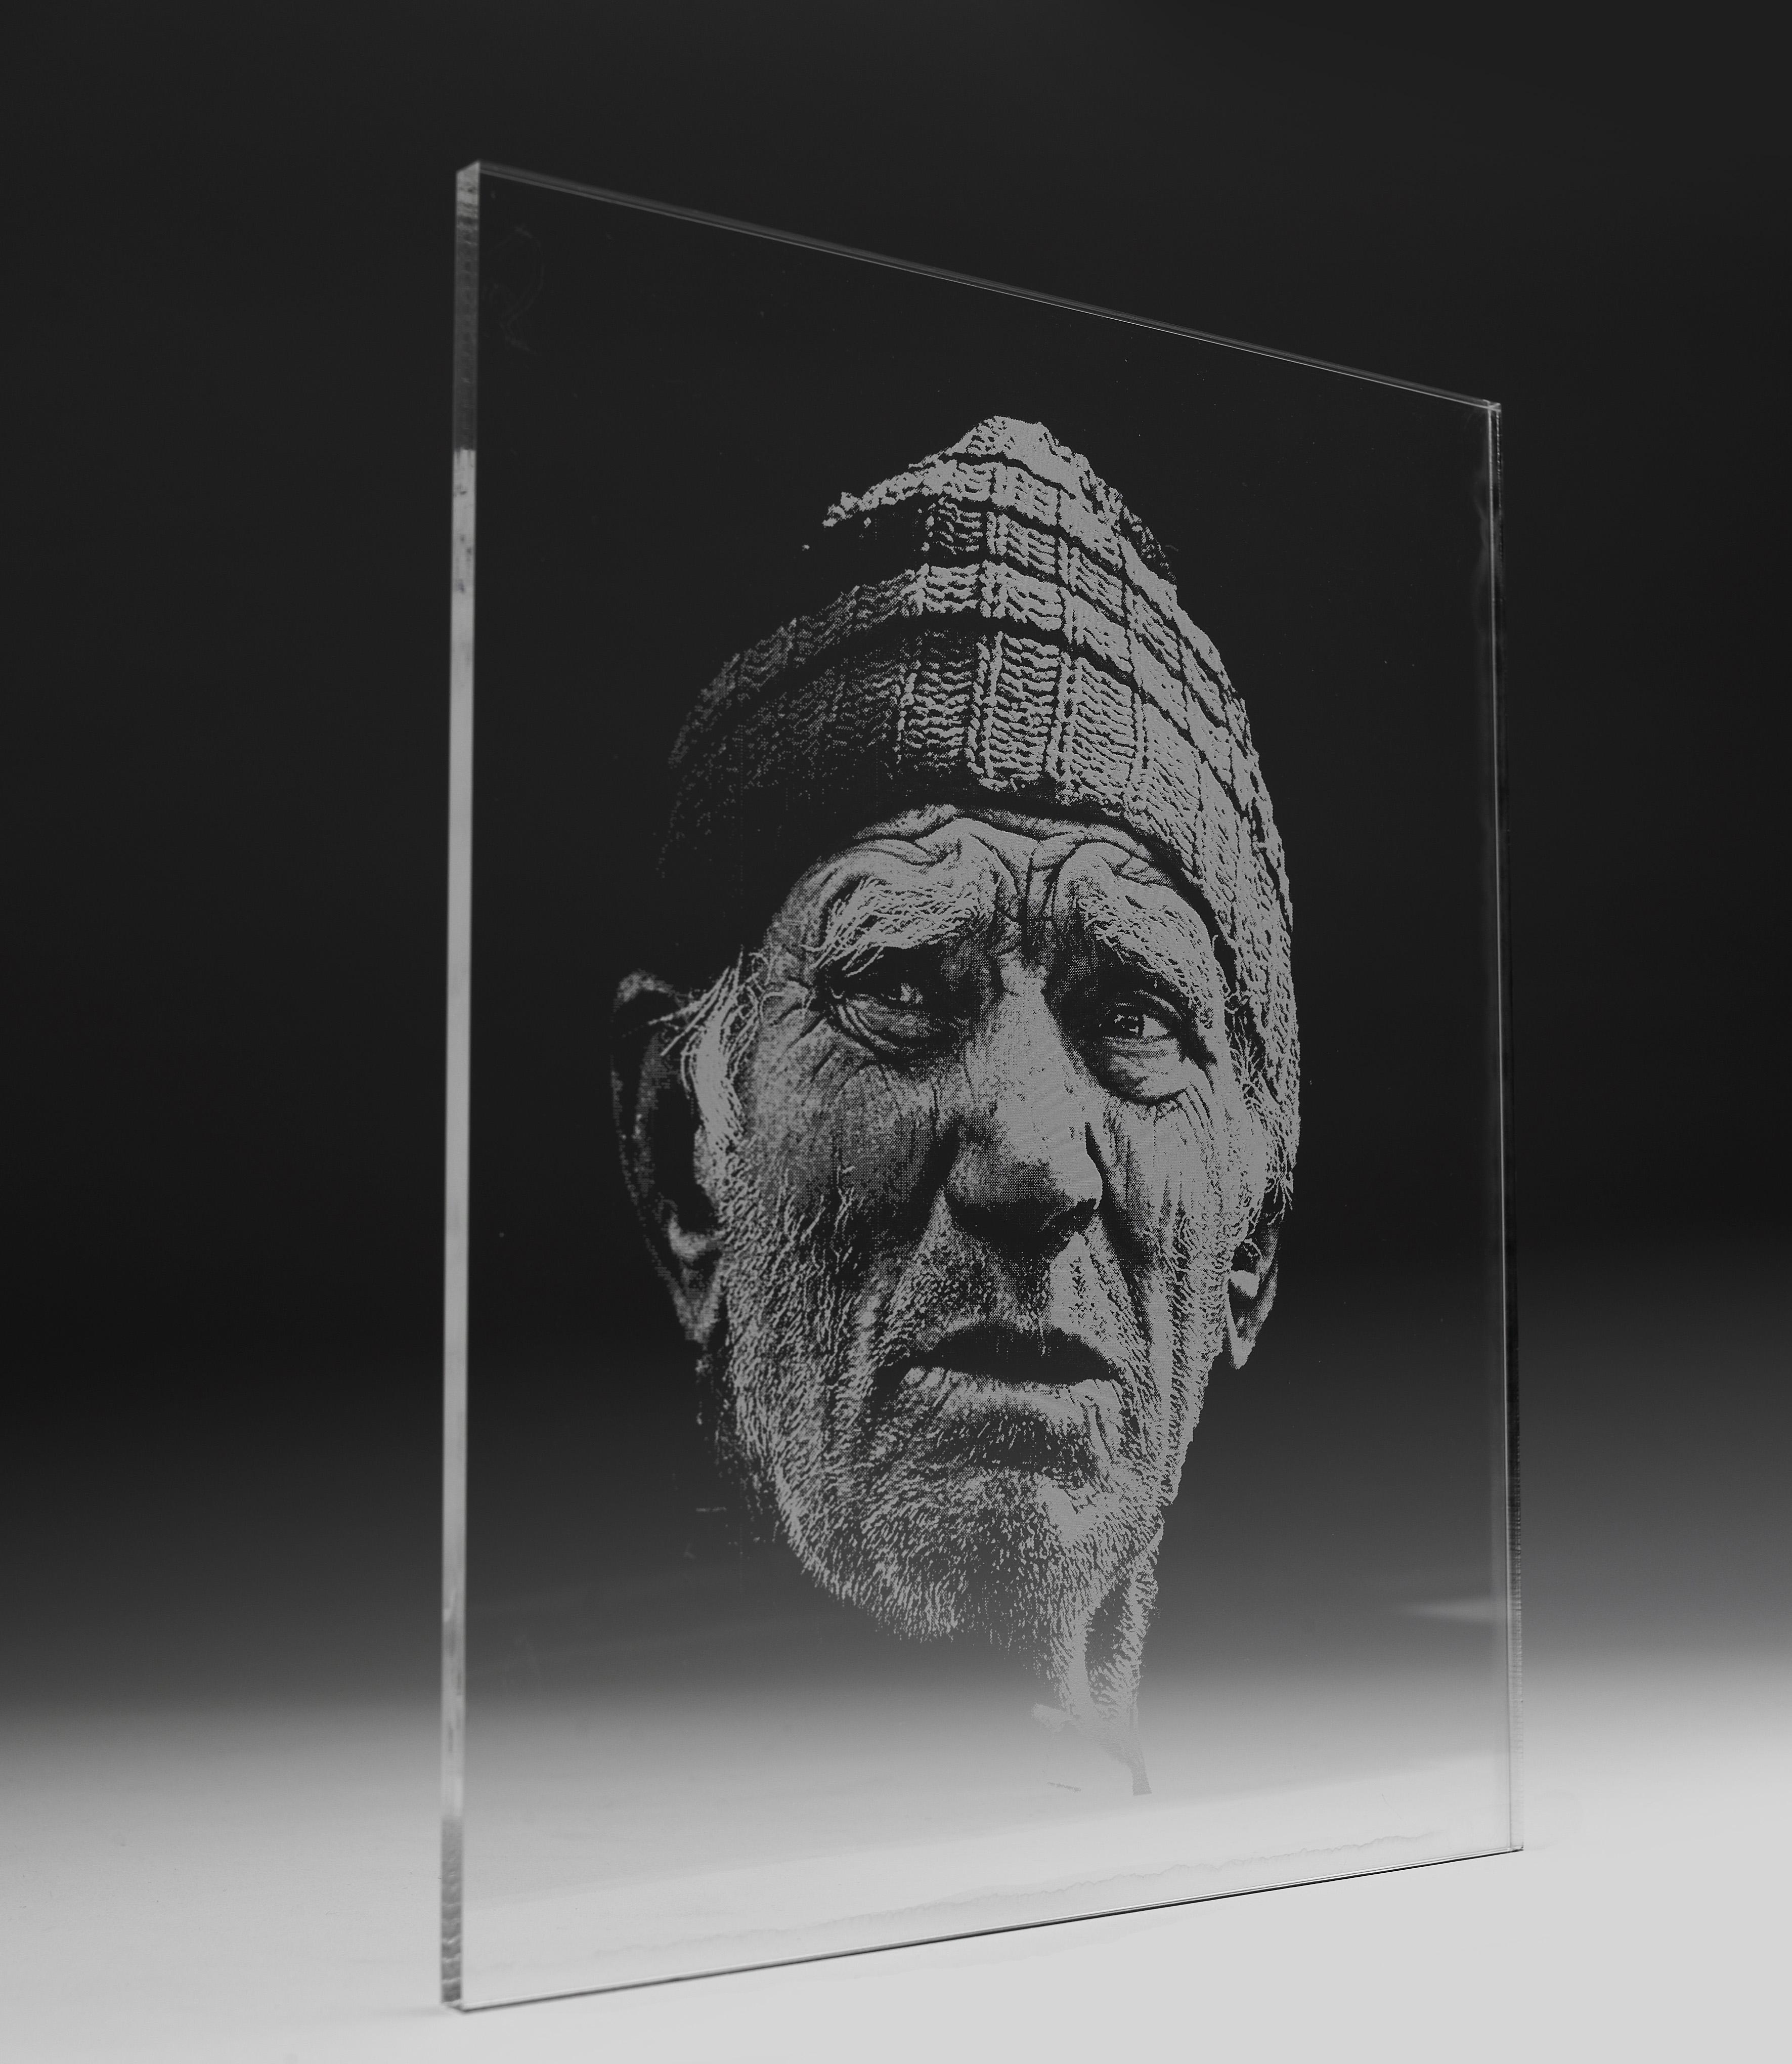 Gravures Sur Verre pour façonnage du verre et de la pierre. » archives du blog » nouveautés